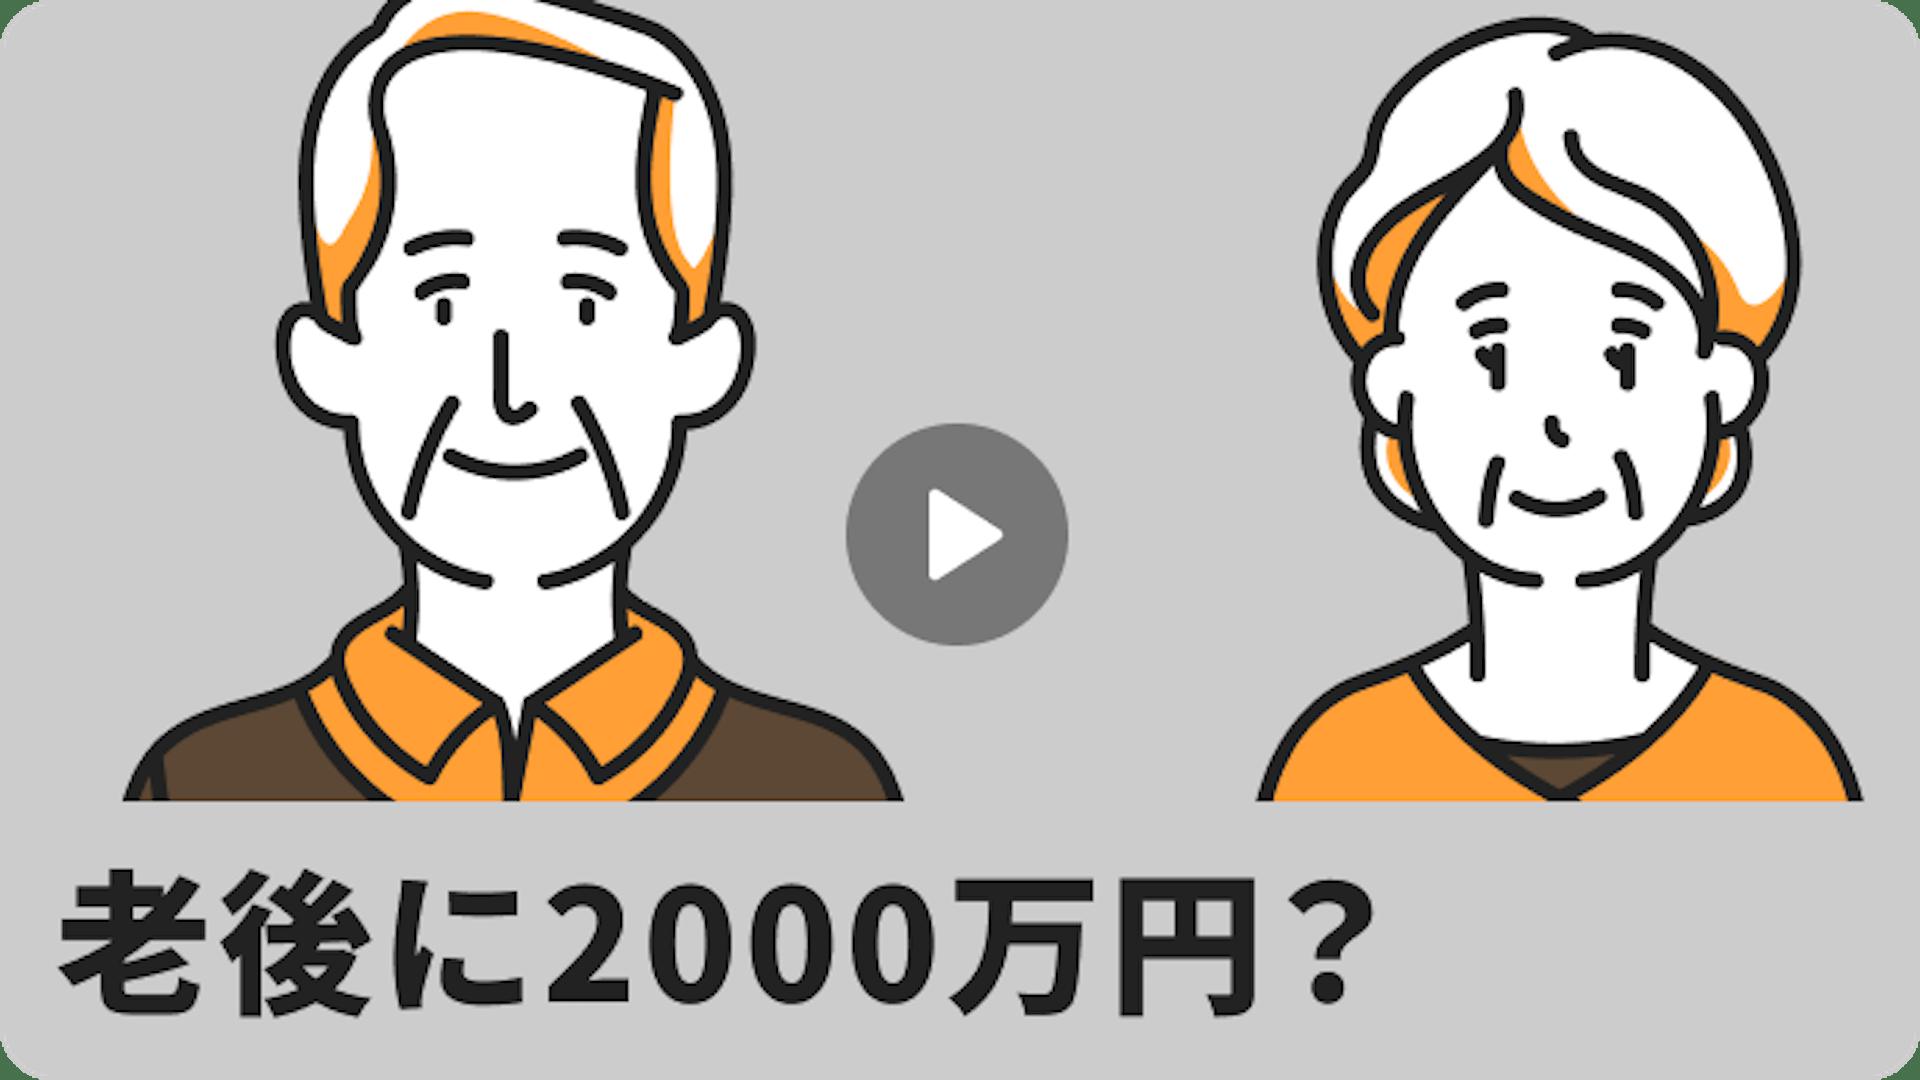 老後に2000万円あれば大丈夫?